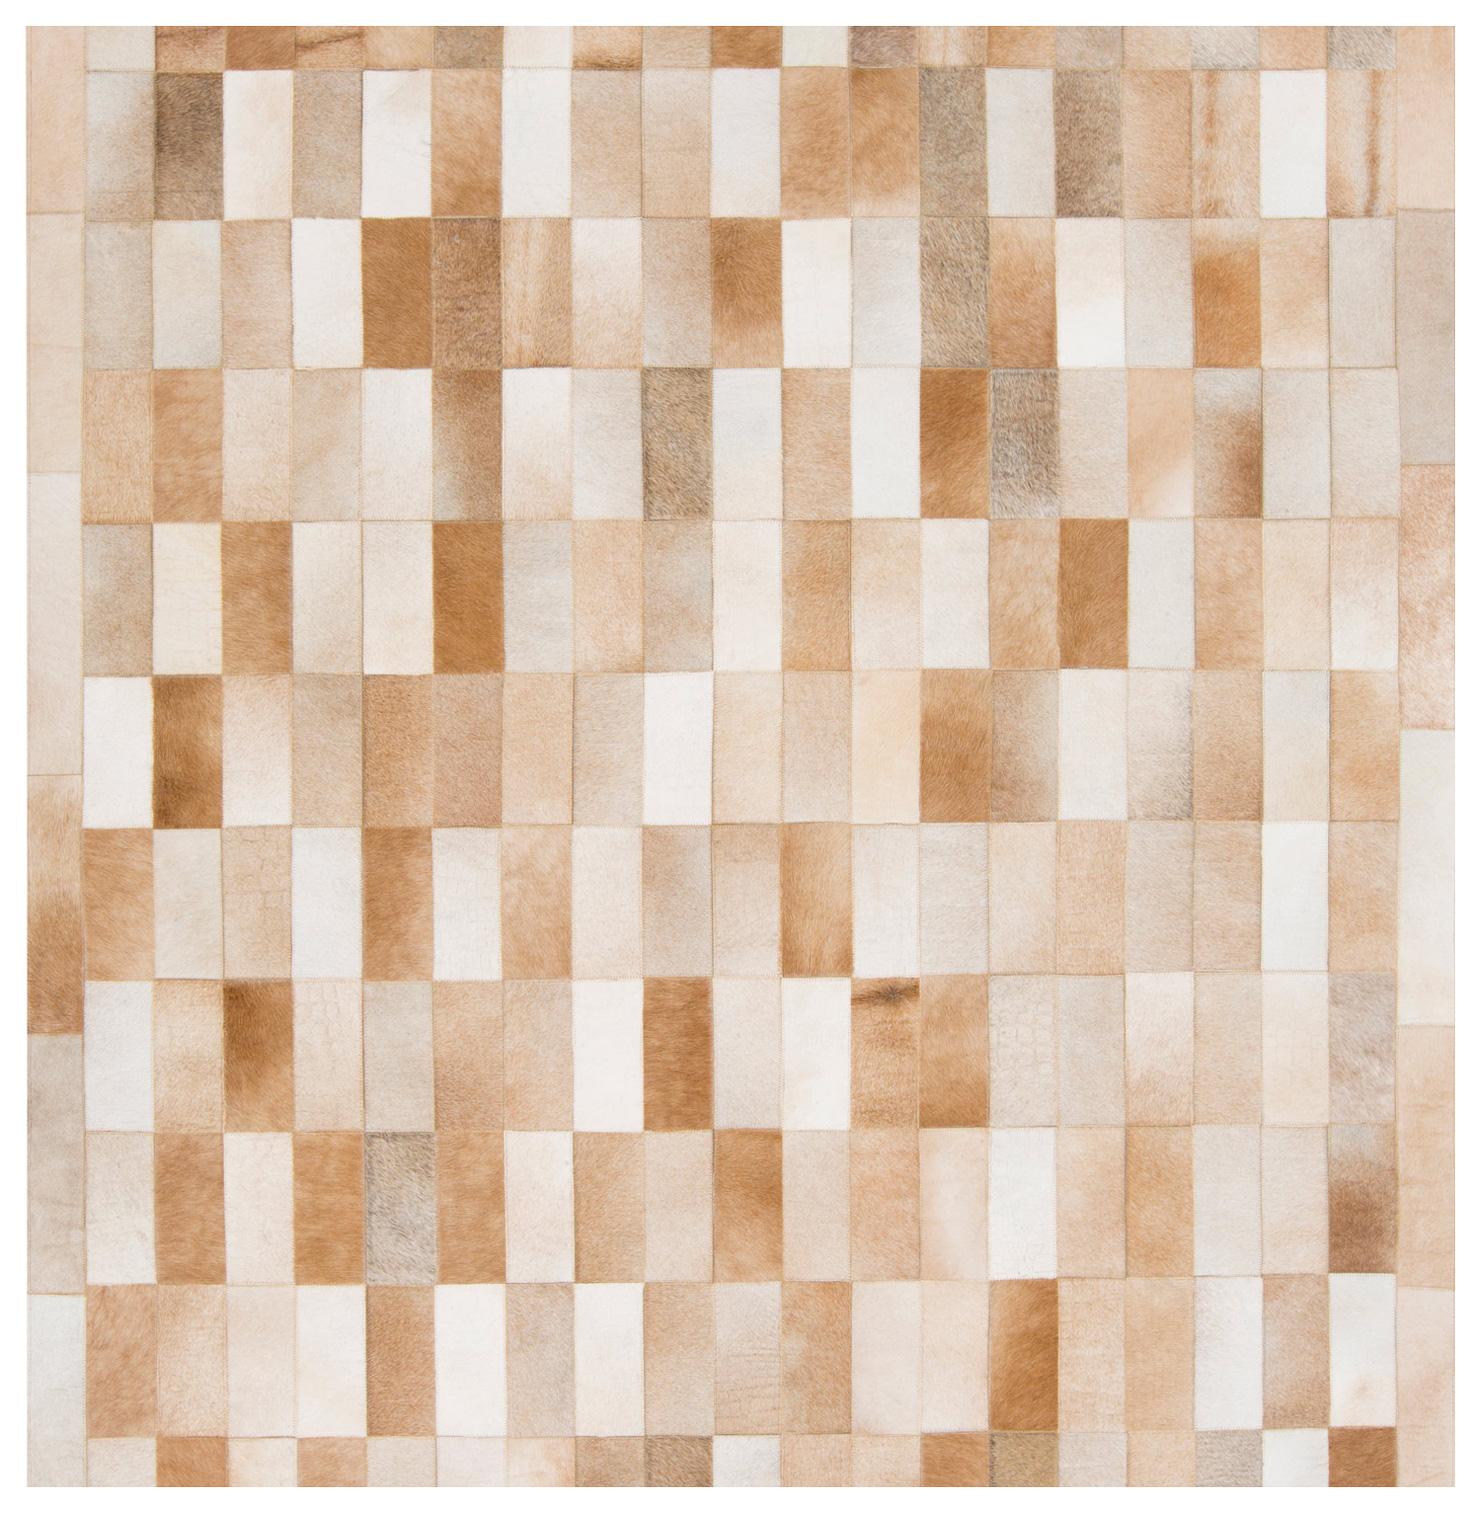 Beirut Global Bazaar Vertical Subway Tile Brown Beige Cowhide Rug - 18 Inch Sample